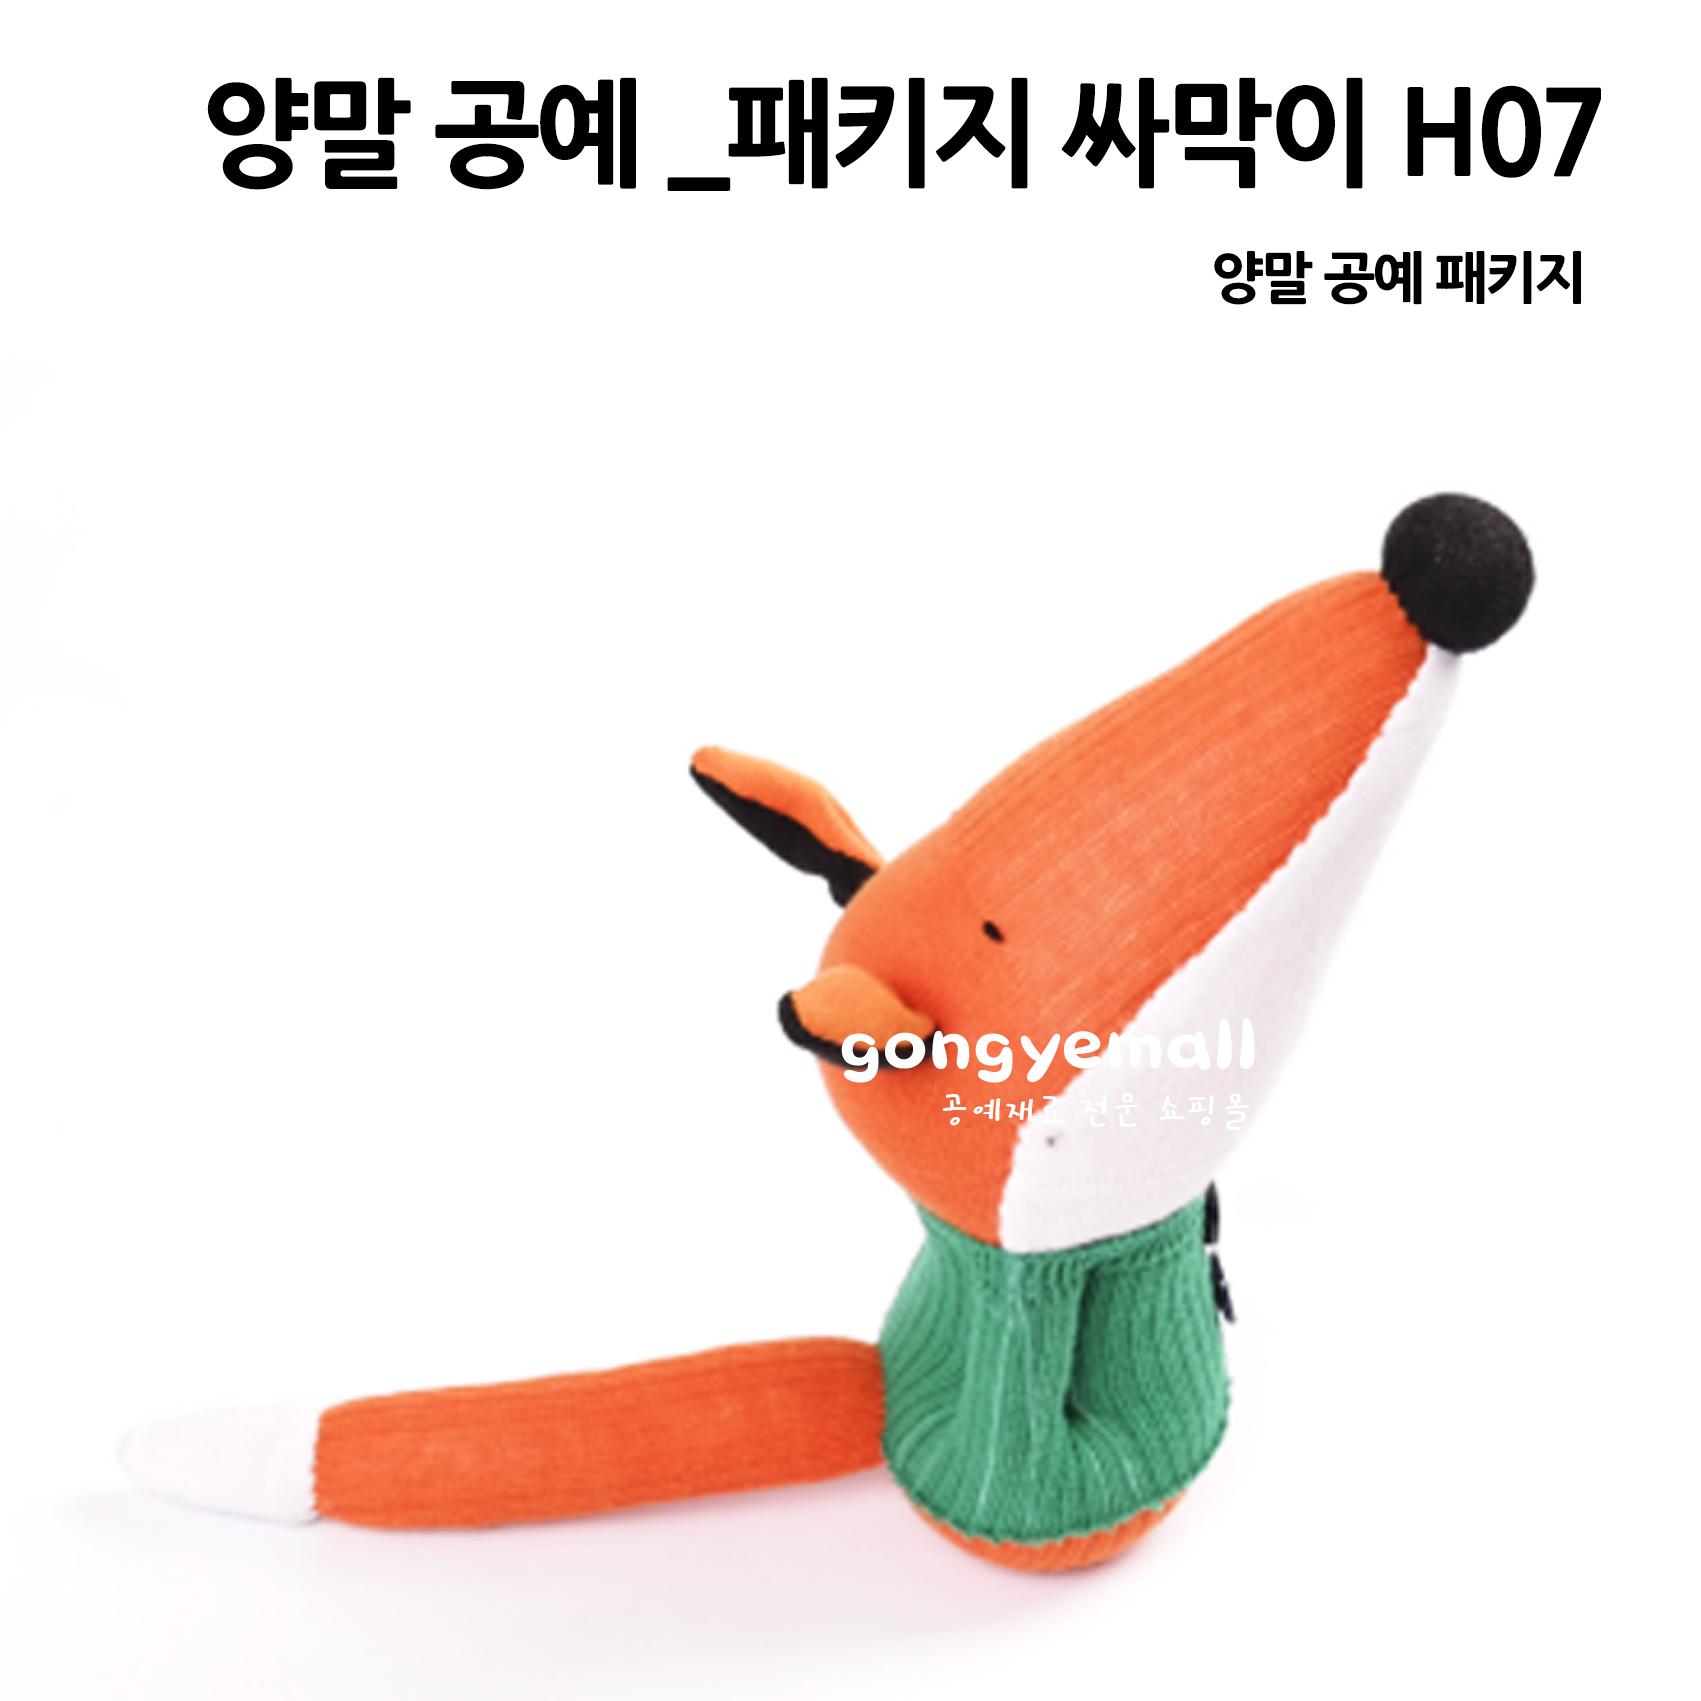 [양말공예]양말 DIY 패키지 싸막이 H07